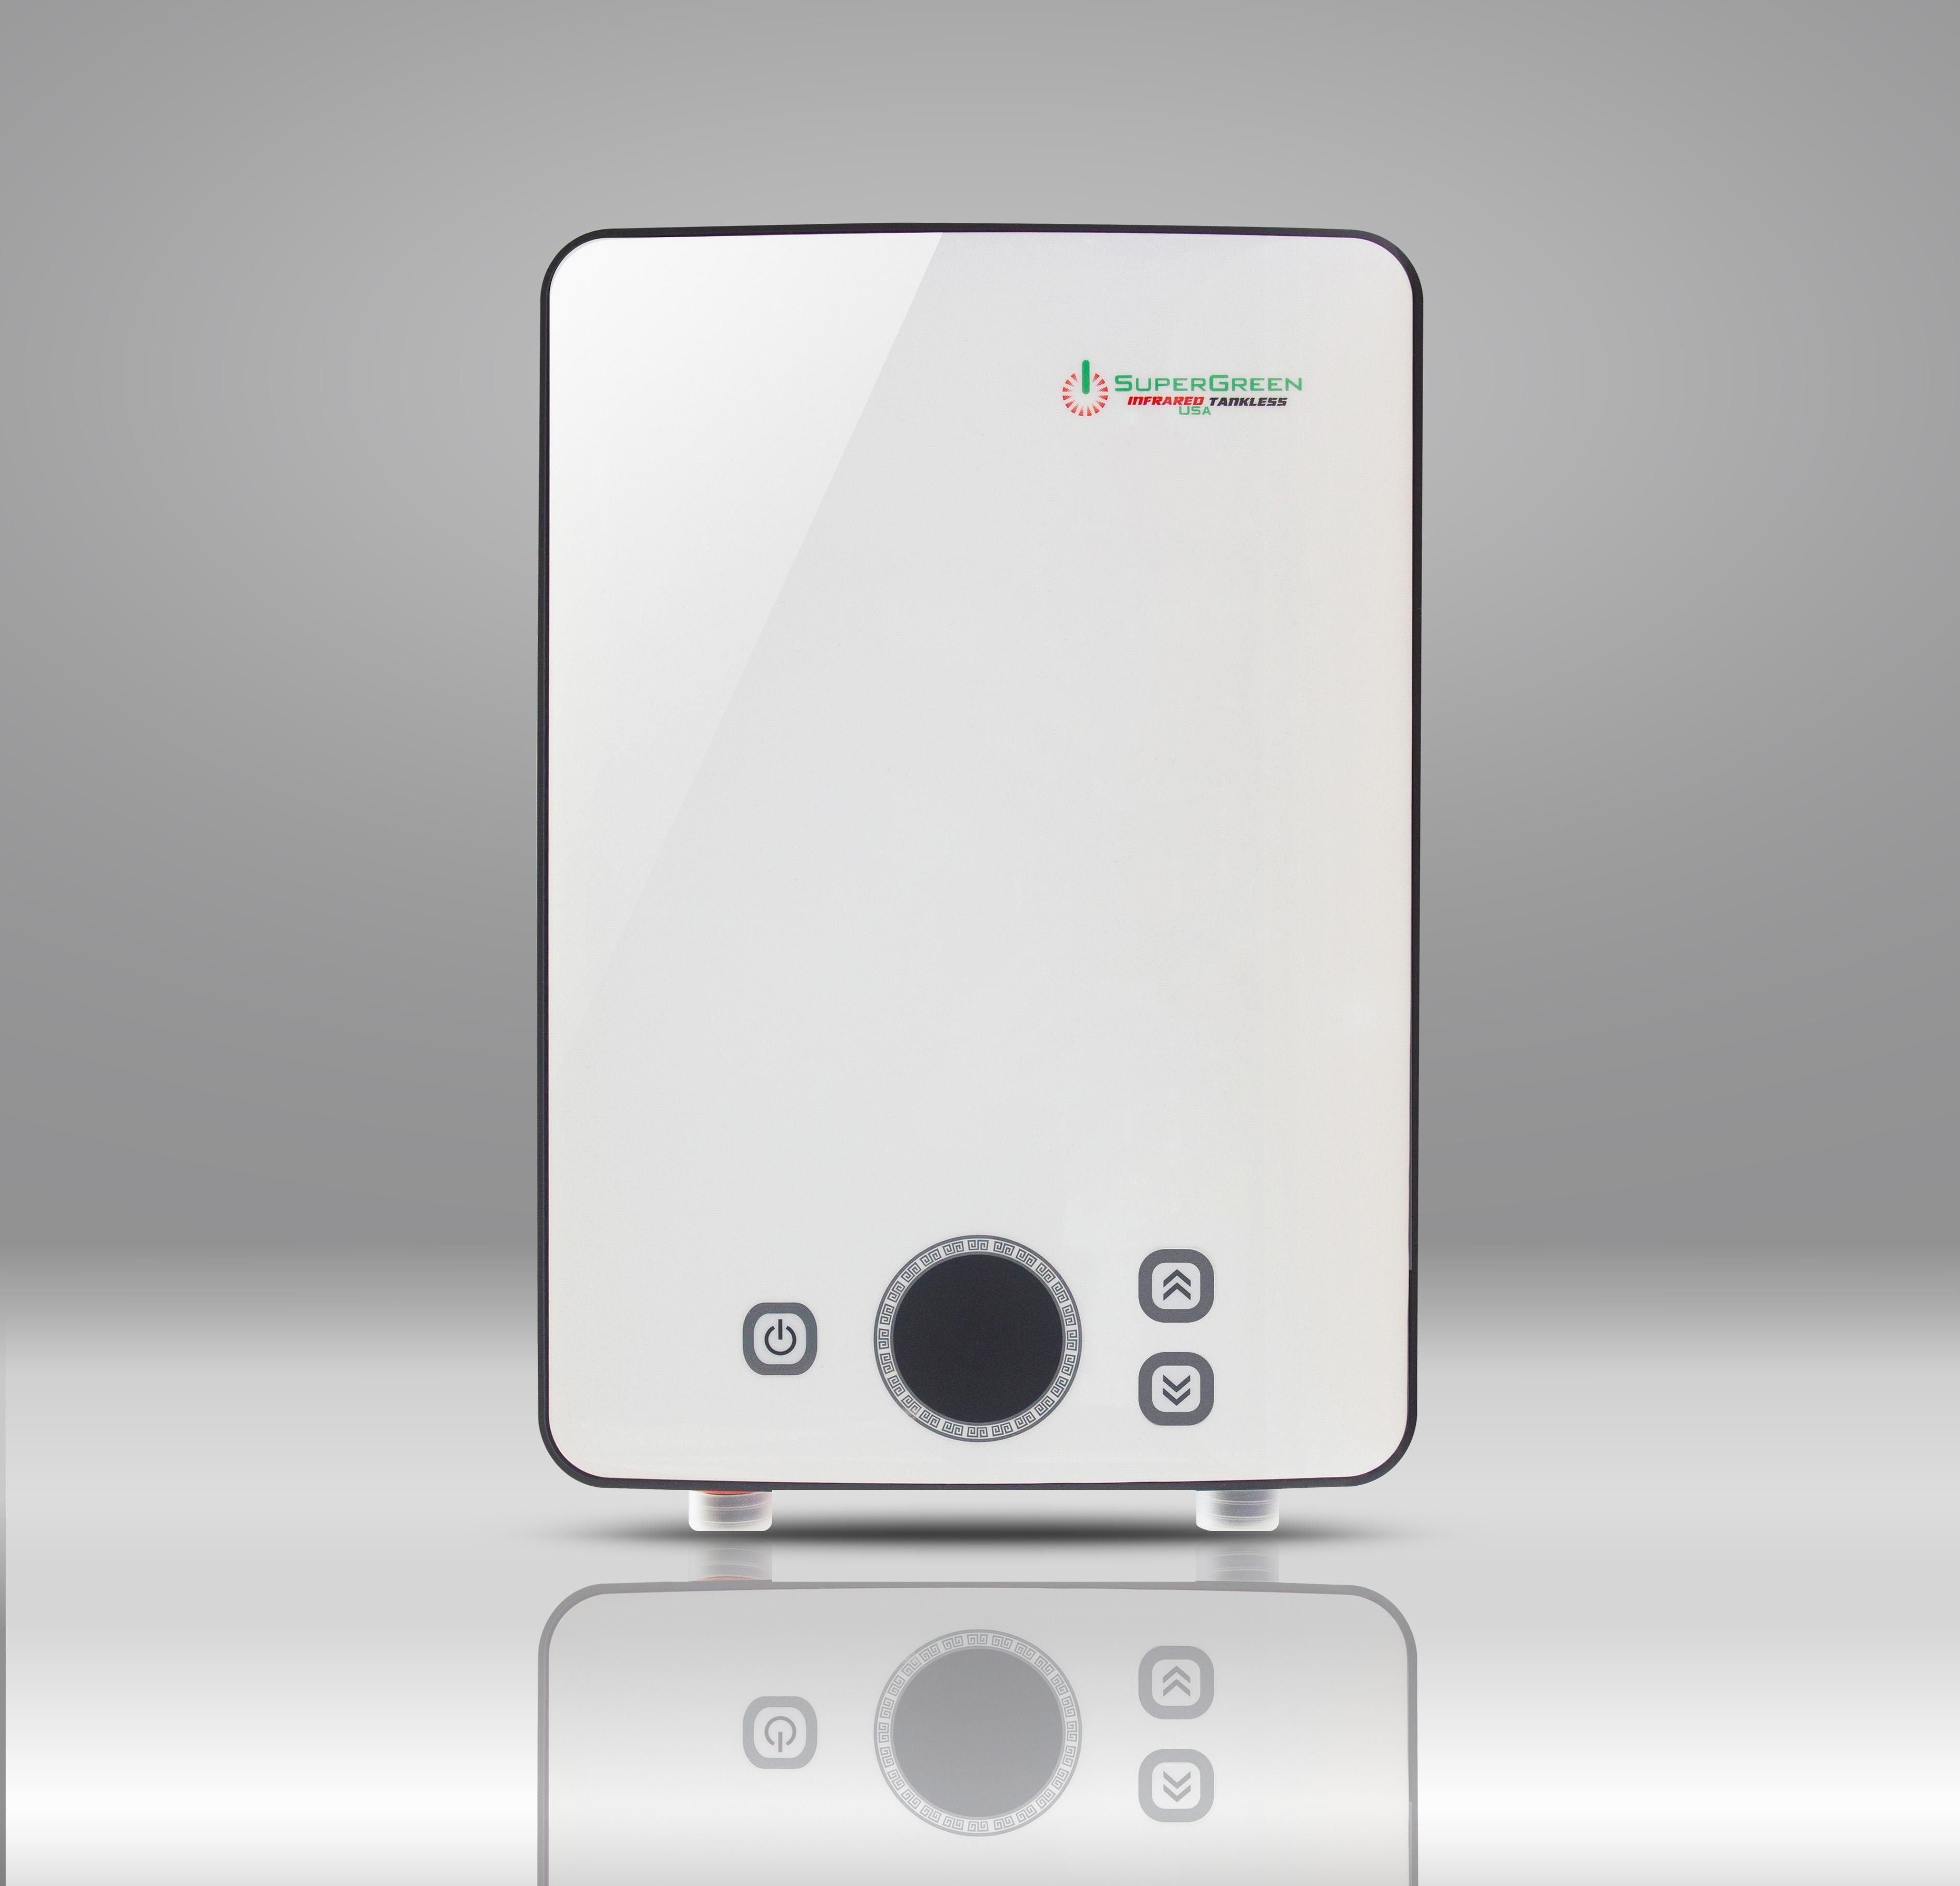 Máy nước nóng hồng ngoại SioGreen IR-288